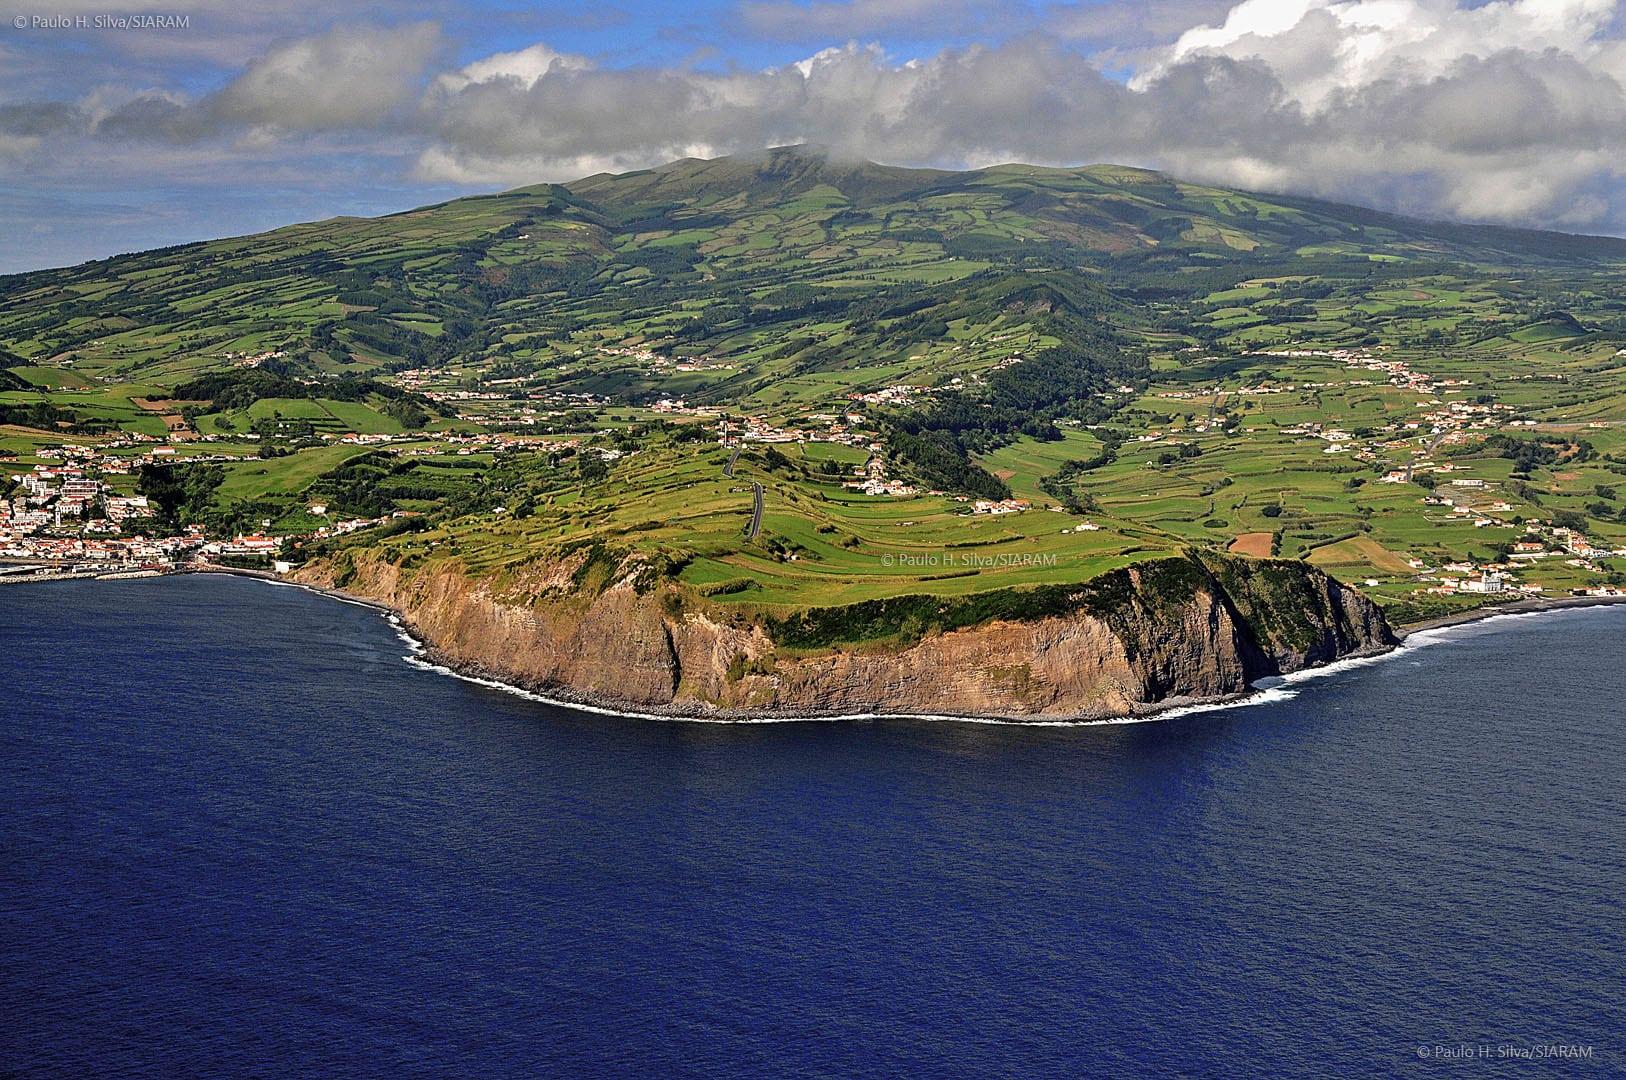 Ponta da Espalamanca - Ilha do Faial, Açores